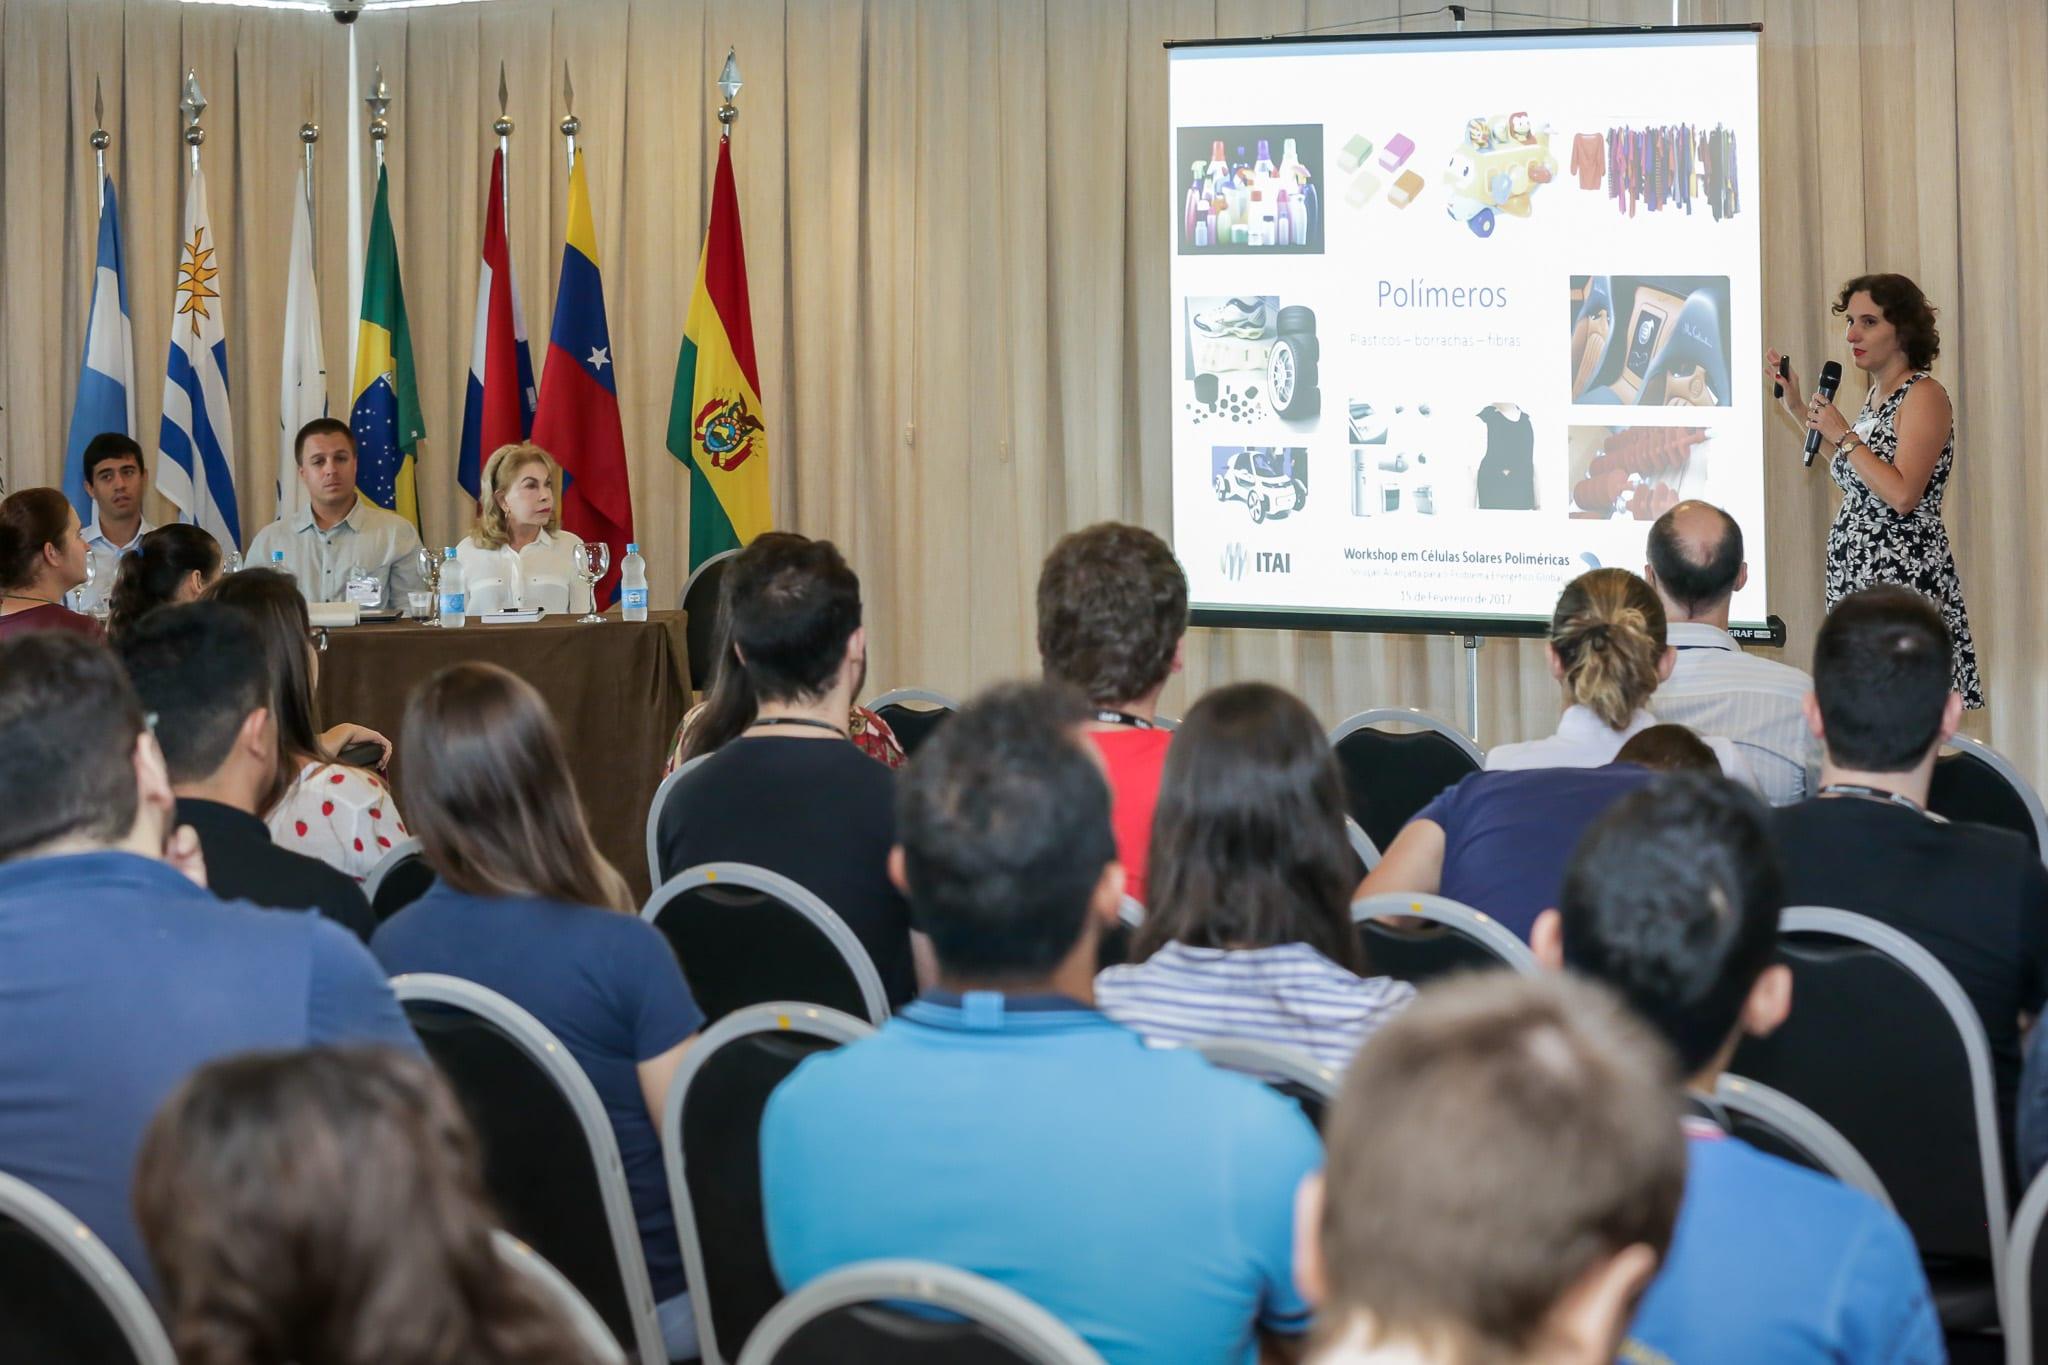 A pesquisadora dos Institutos Lactec, Marilda Munaro, falou sobre as aplicações dos polímeros na engenharia